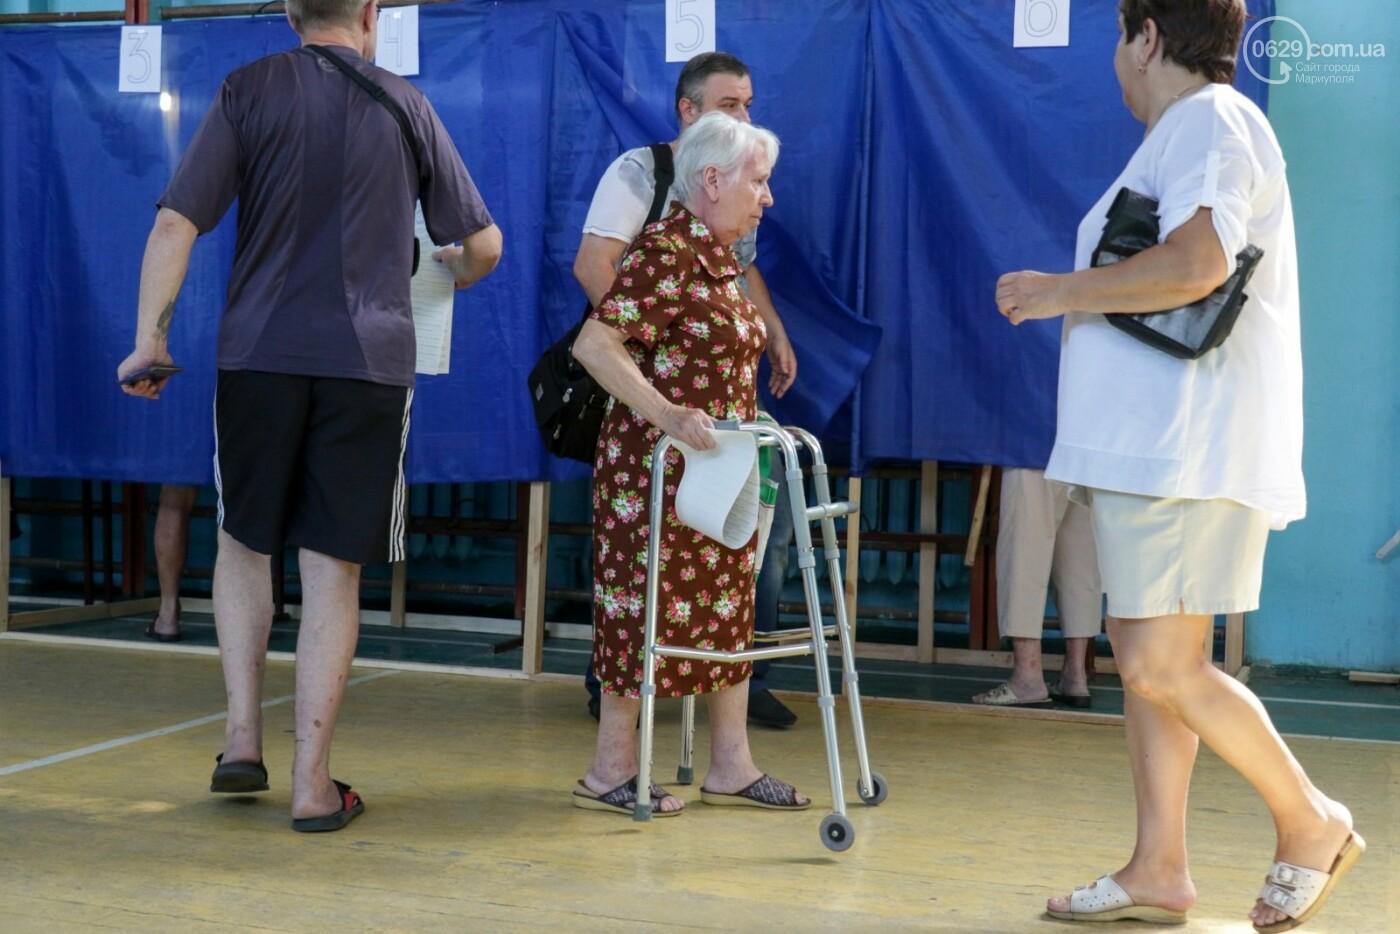 Как бабушки и дедушки будущее Украины выбирали, пока молодежь загорала на пляже, - ФОТОРЕПОРТАЖ, фото-8